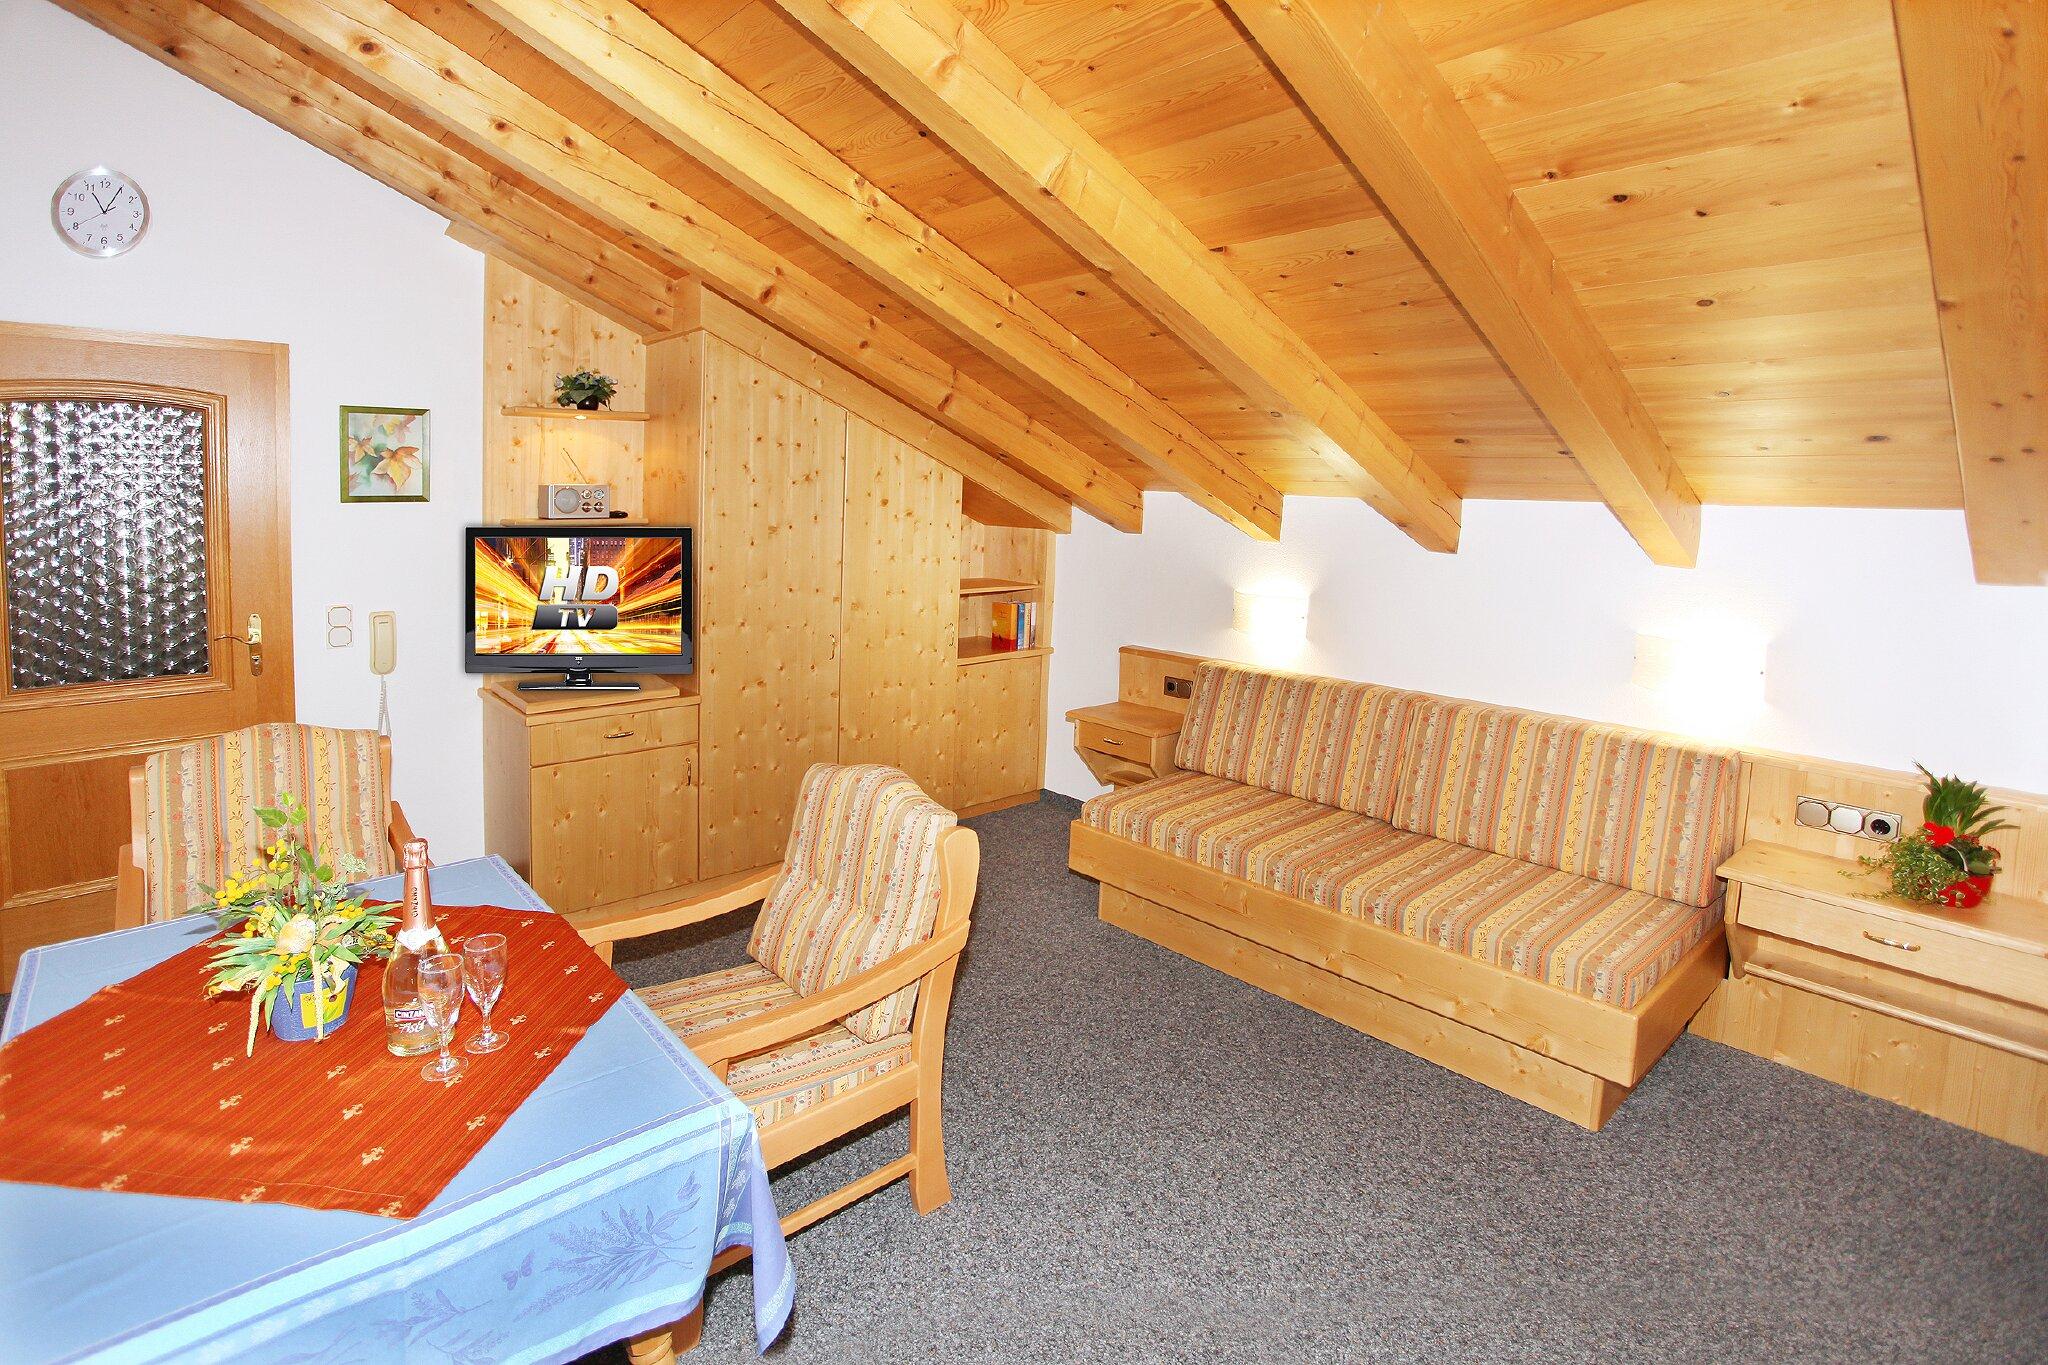 Wohnung Nr. 6, Wohnzimmer